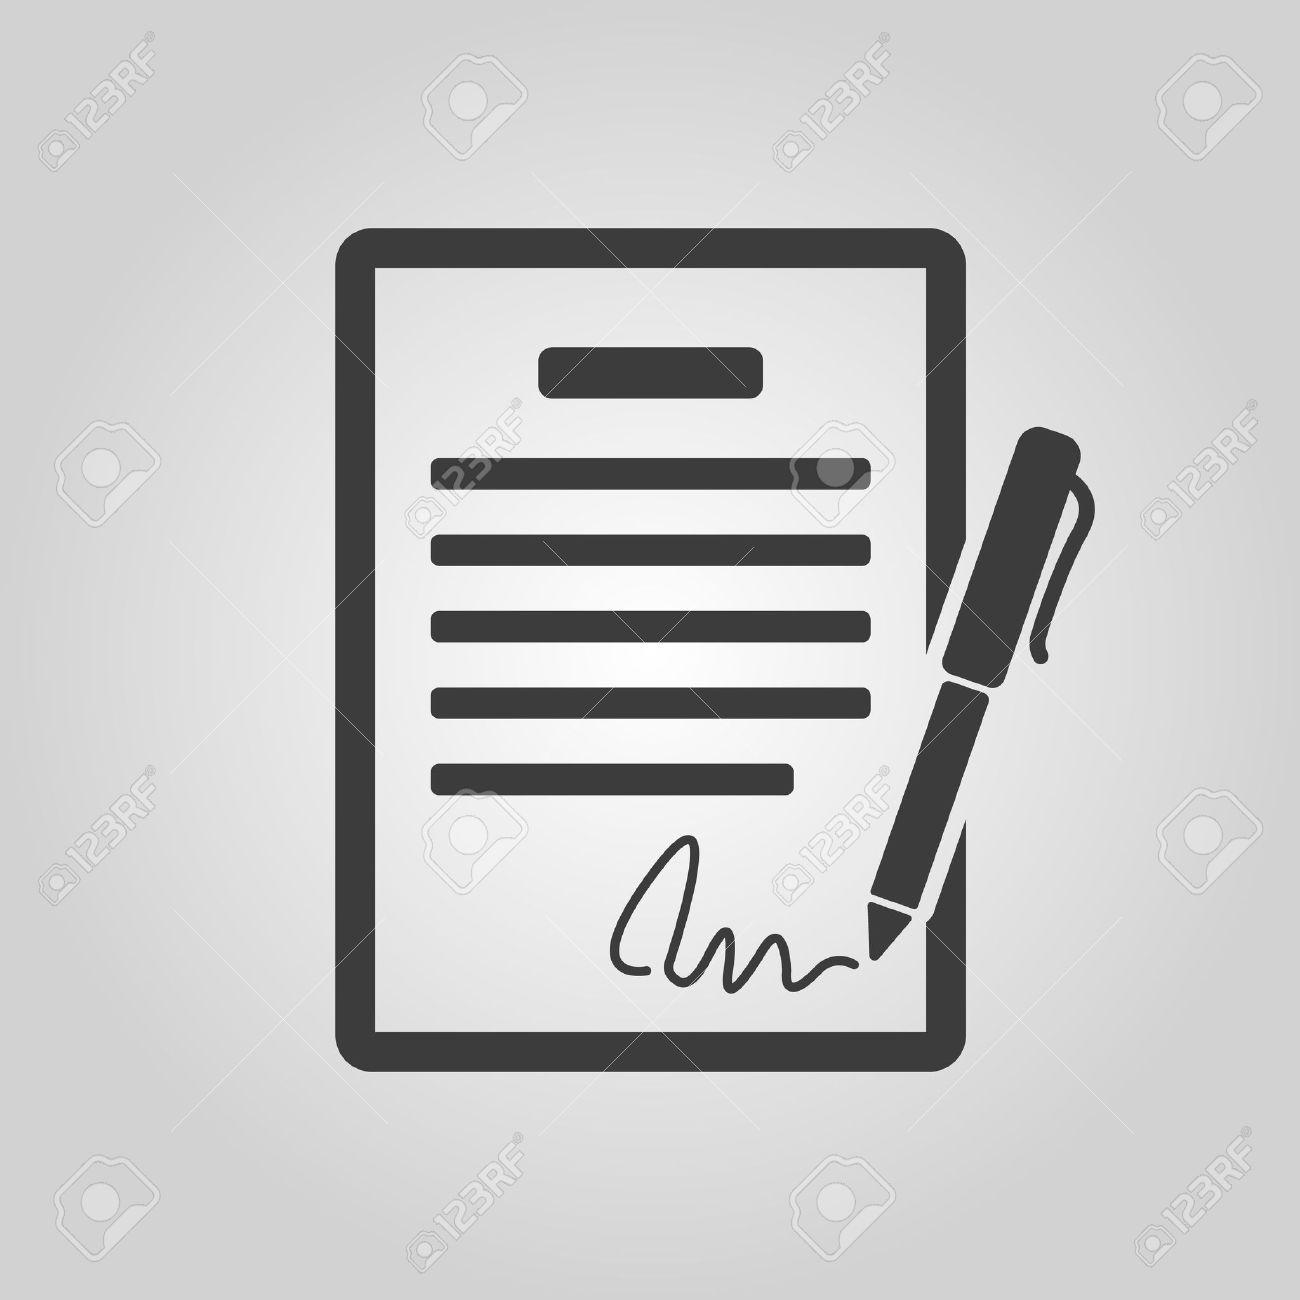 Der Vertrag Symbol. Abkommen Und Unterschrift, Pakt, Abkommen ...